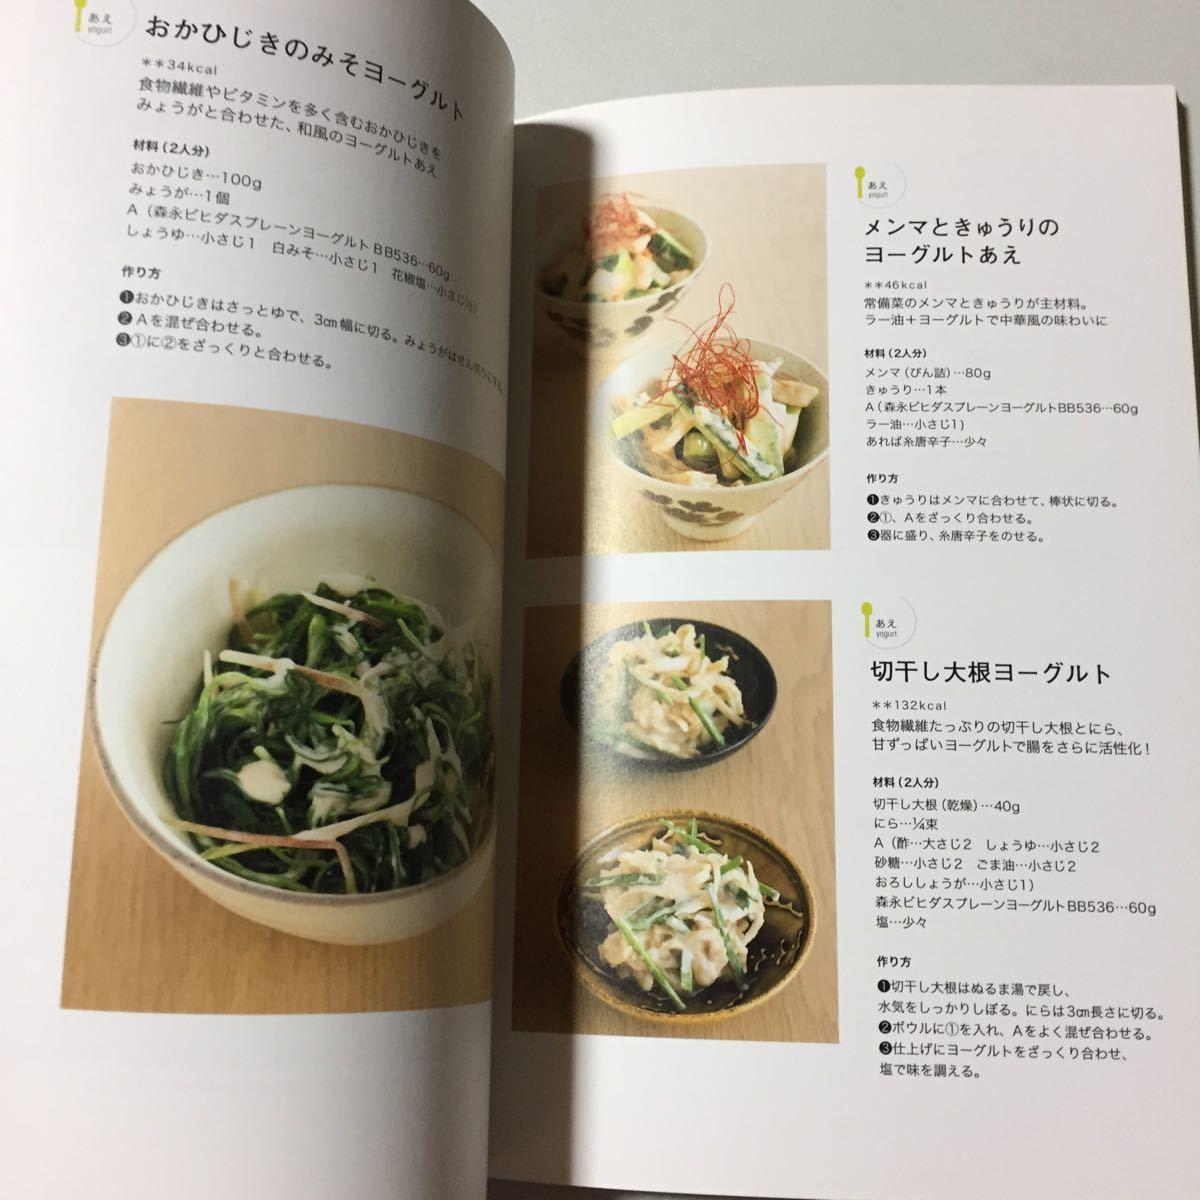 ☆快適便活! ワンスプーンヨーグルトレシピ 帯付☆ 浅野まみこ